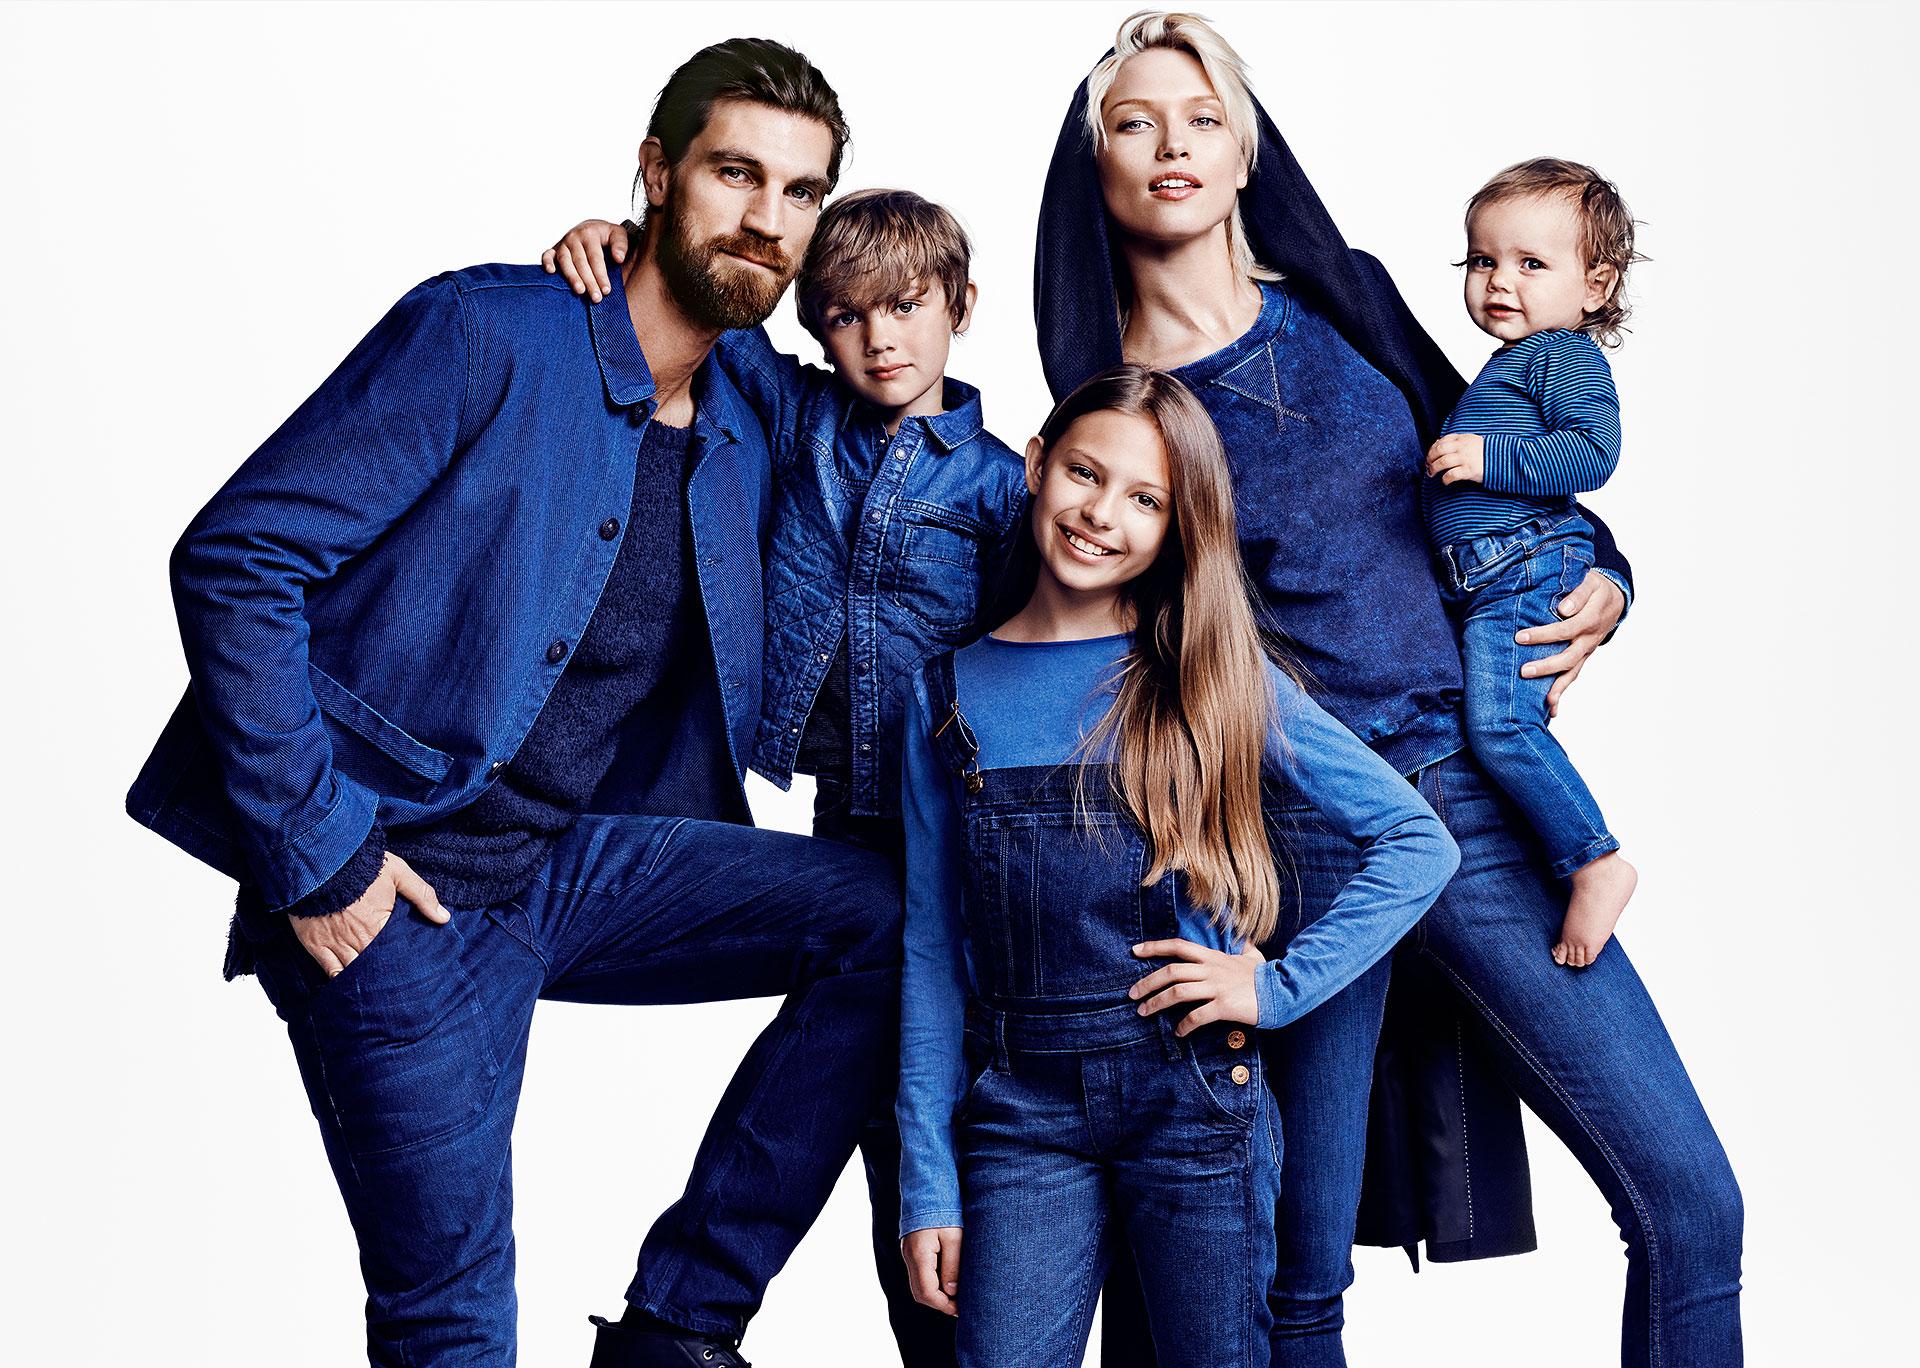 семья в джинсовой одежде